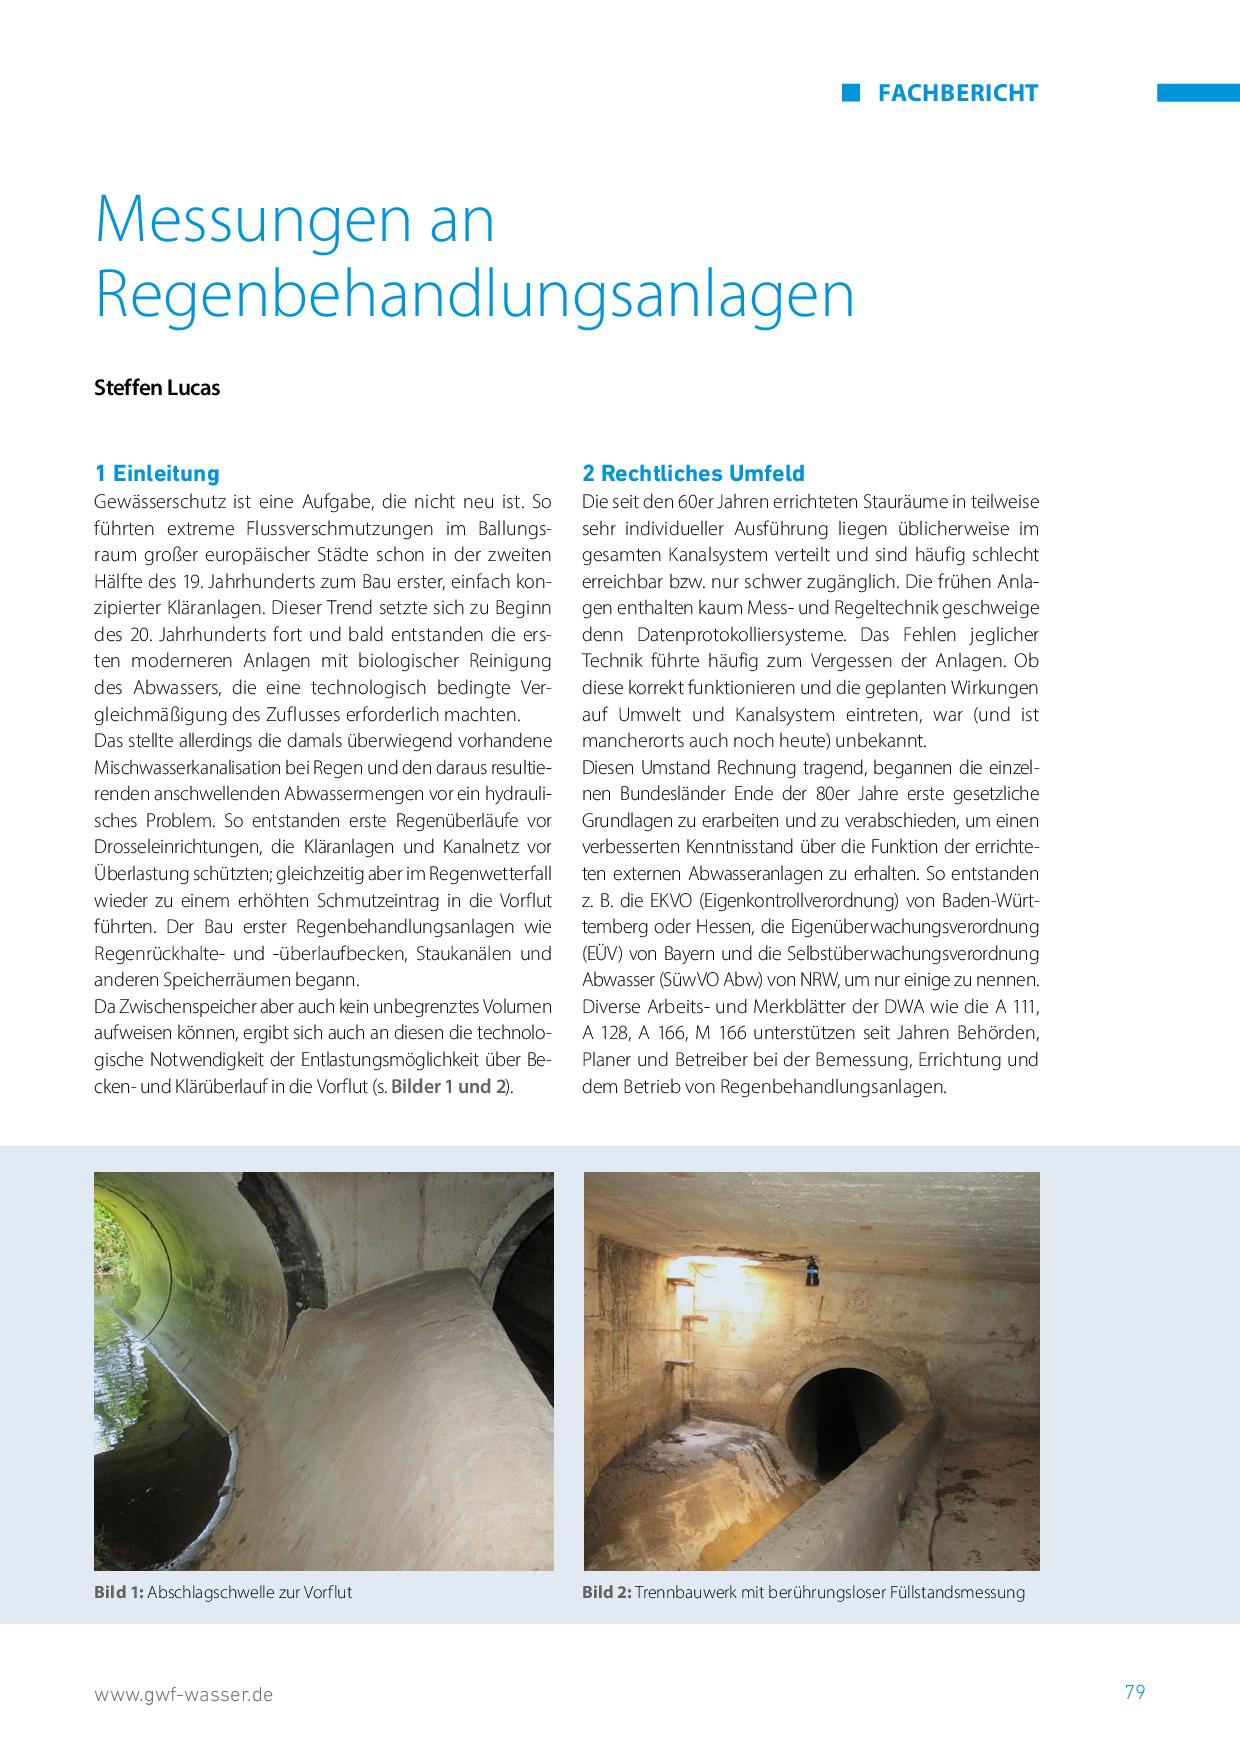 Messungen an Regenbehandlungsanlagen